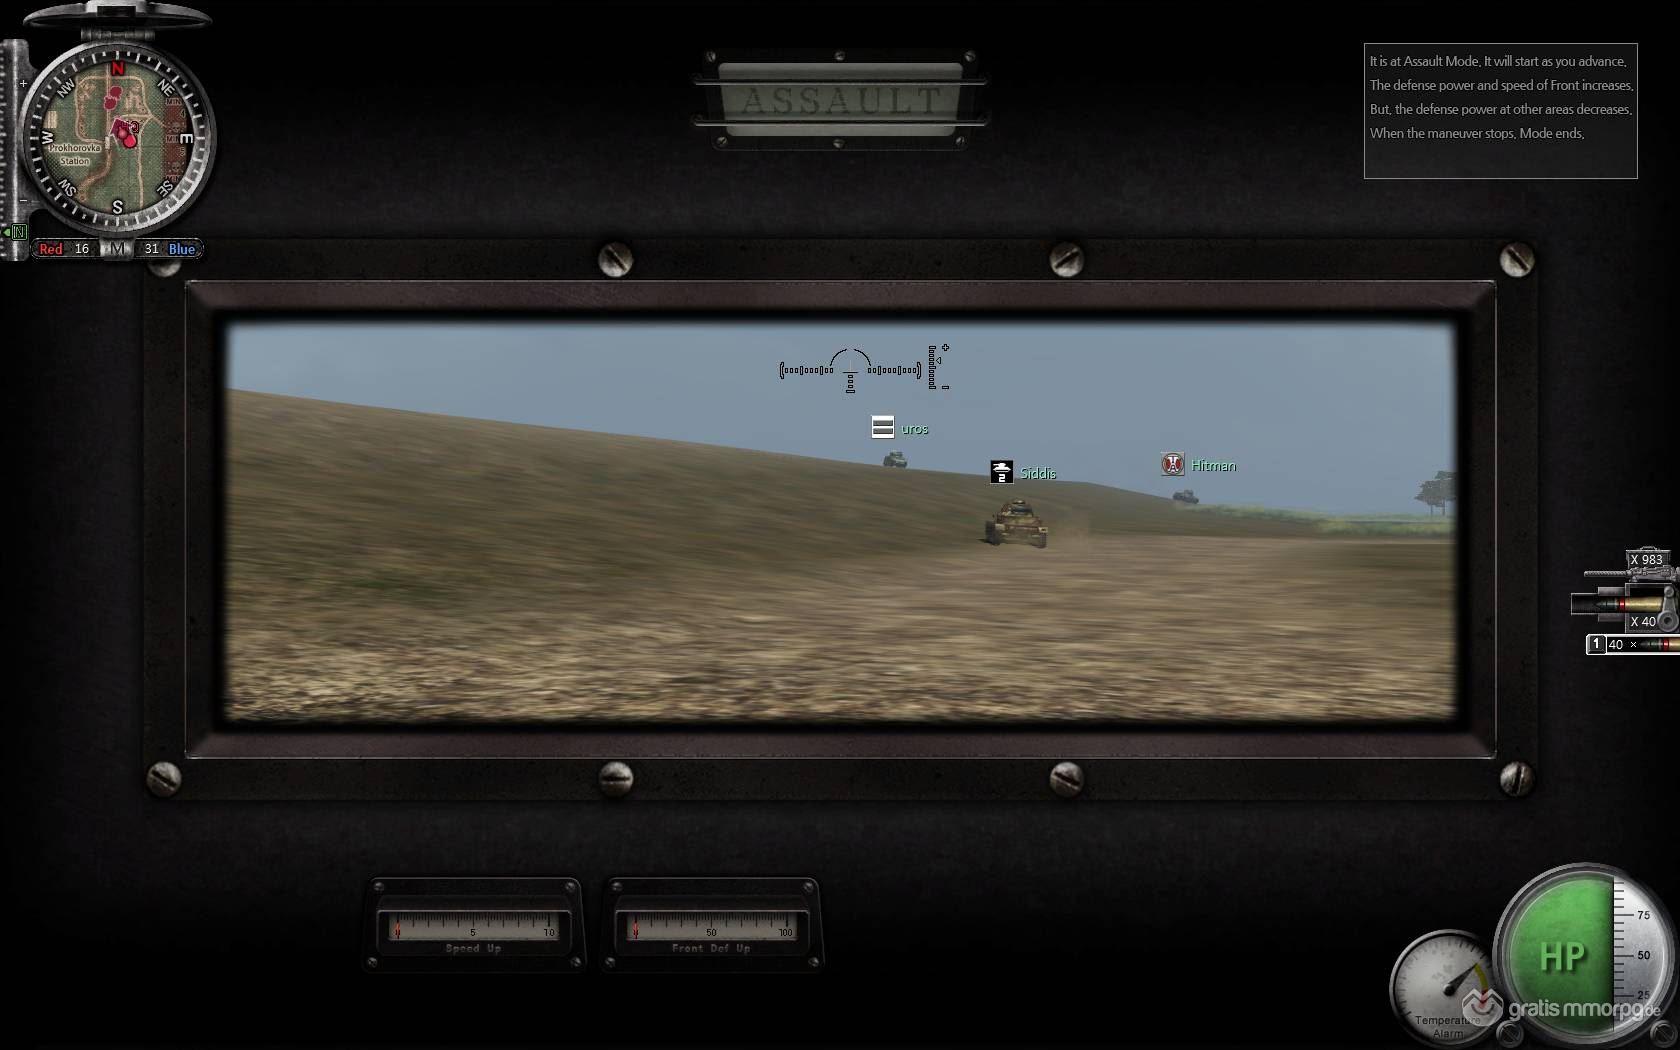 Klicke auf die Grafik für eine größere AnsichtName:Tank Ace (9).jpgHits:102Größe:139,3 KBID:4544